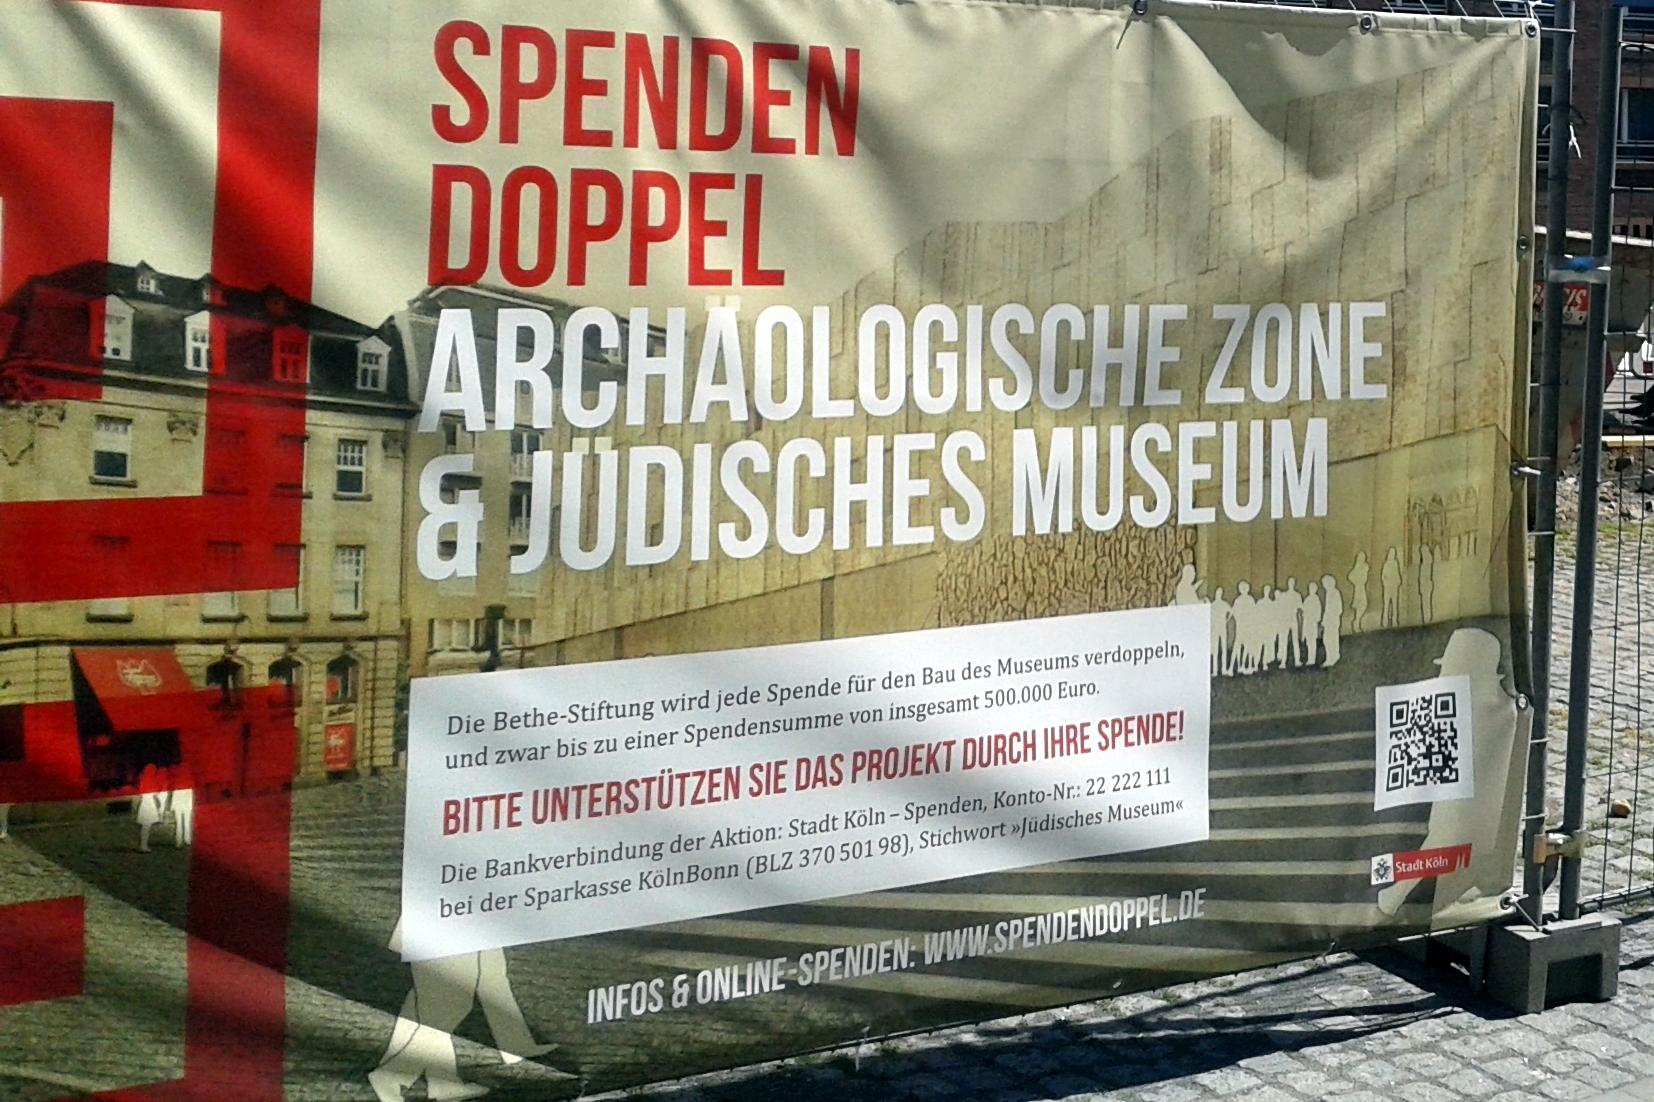 """Kölsch & Römer - Baustelle der Archäologischen Zone und des Jüdischen Museums """"MiQua"""" (Eröffnung: Mitte 2021 - Stand: Nov. 2017)"""